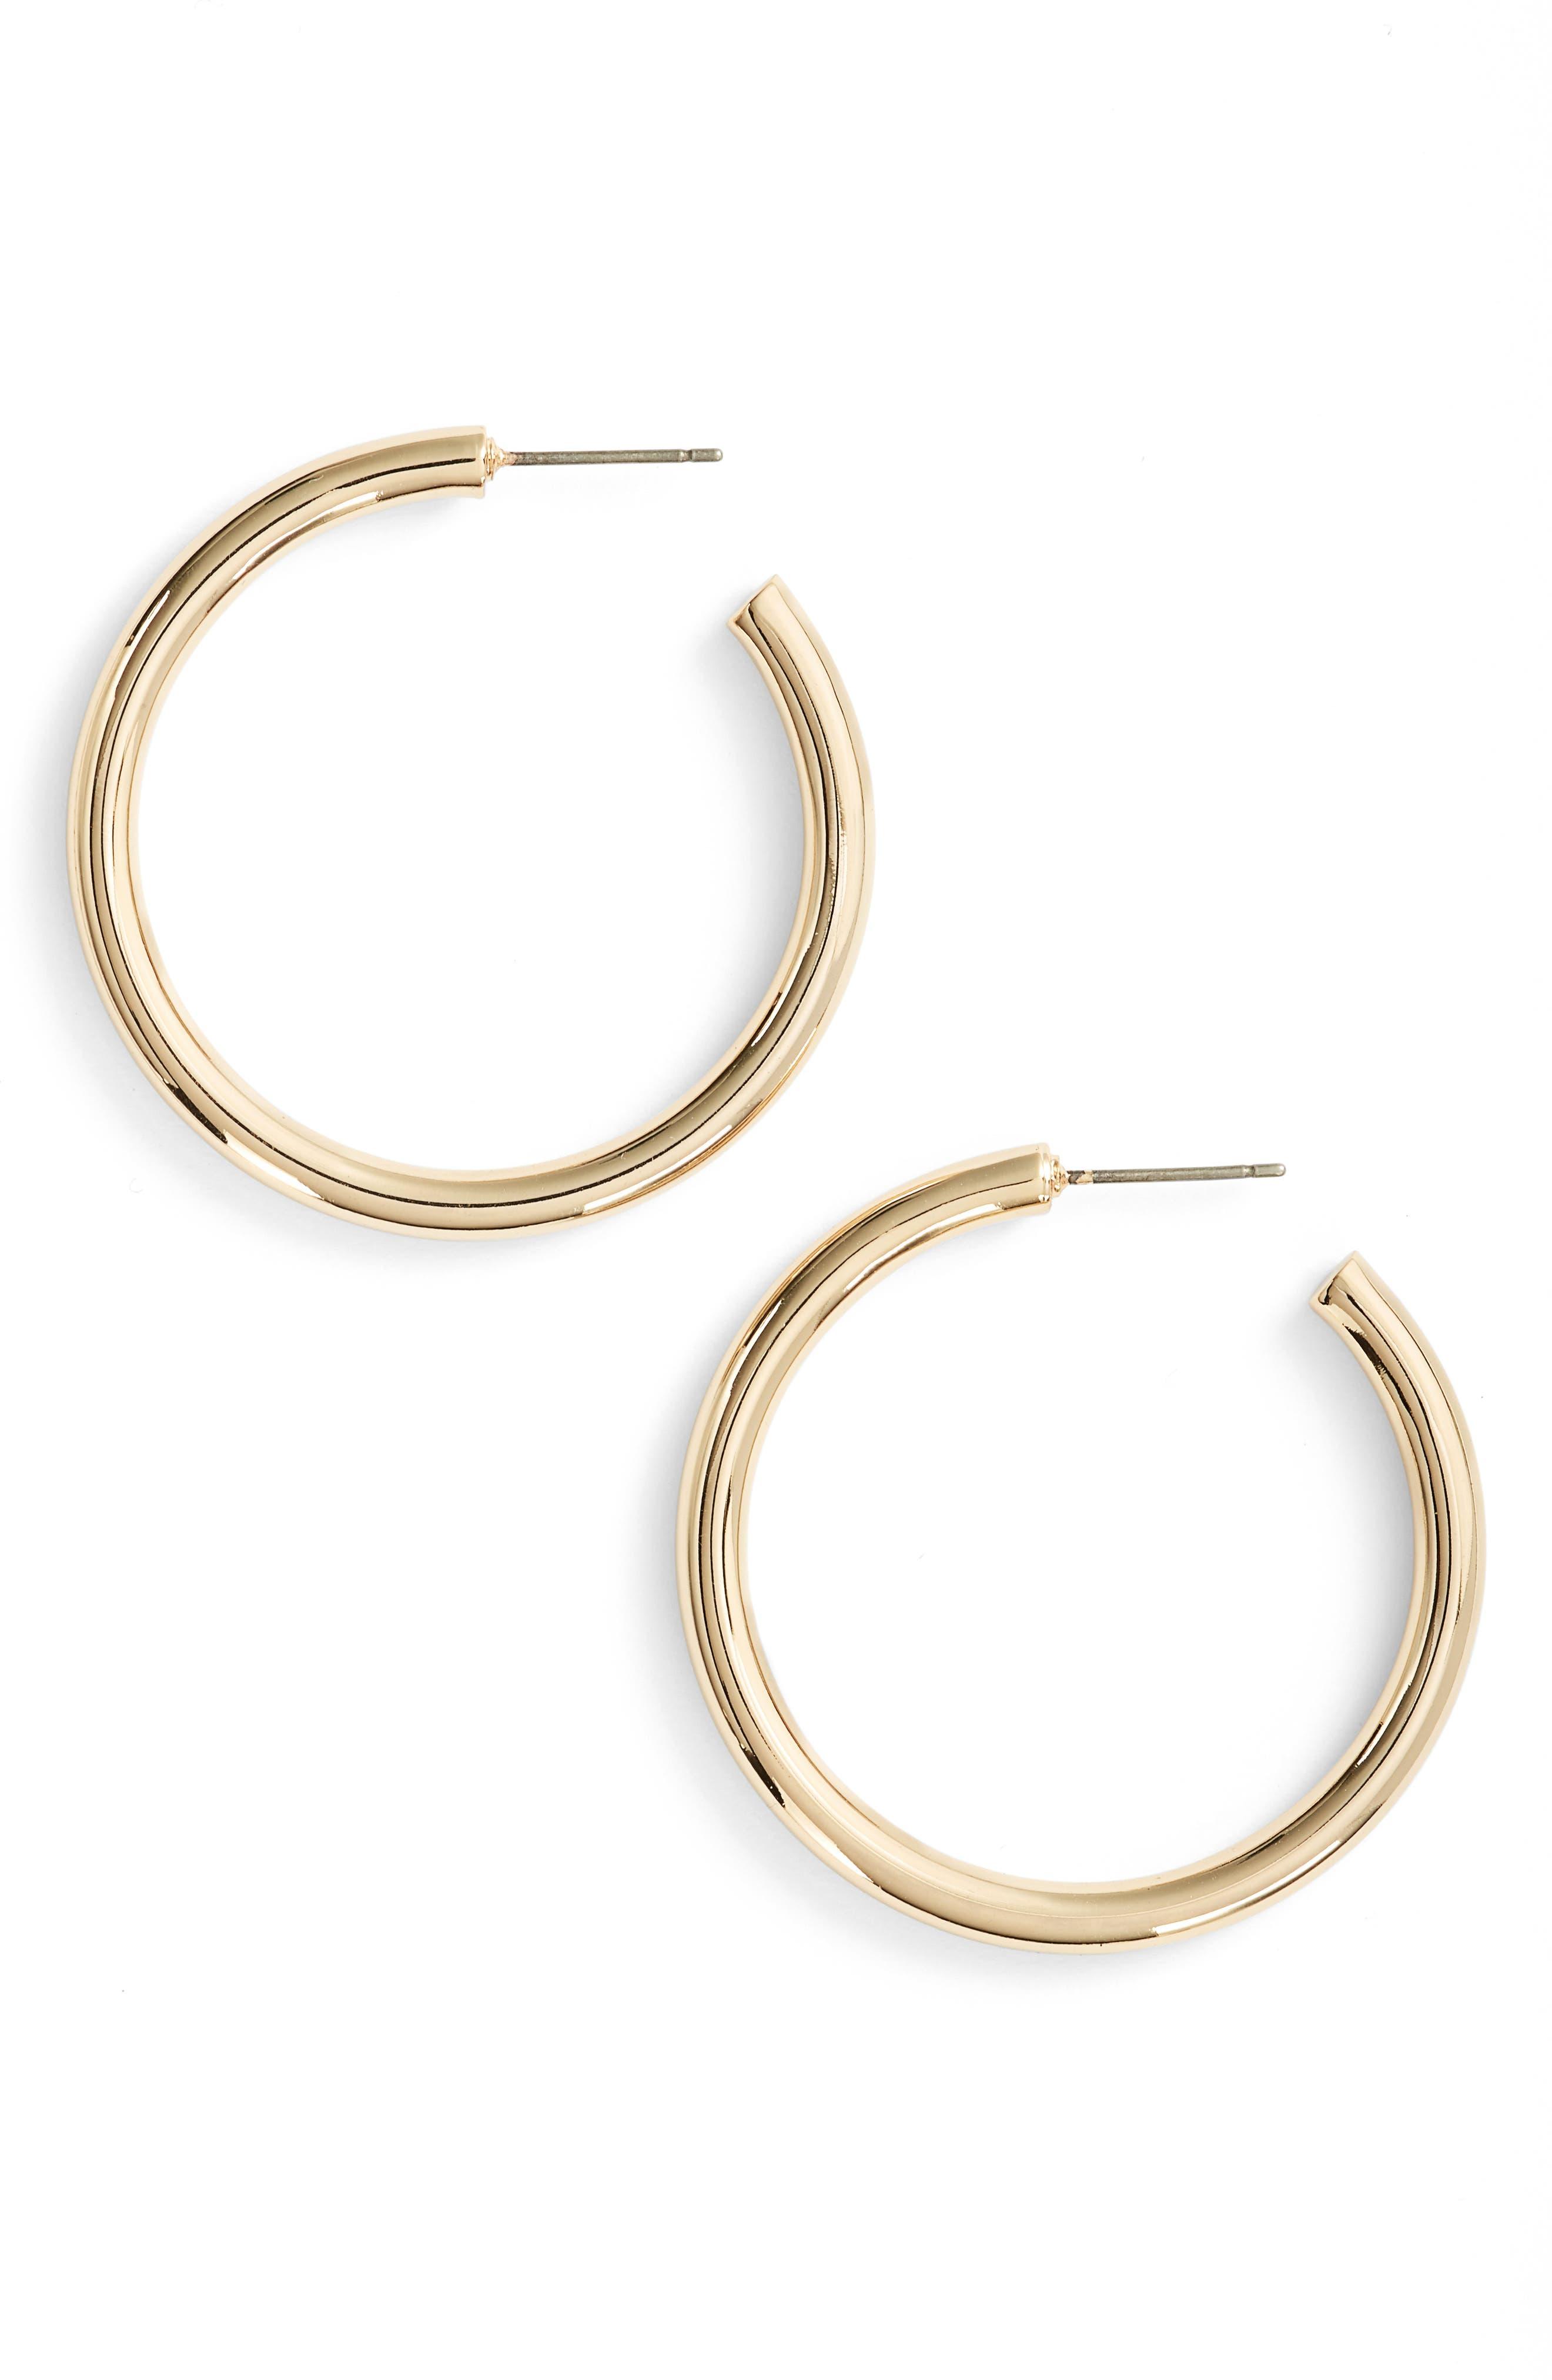 Halogen® Medium Sleek Tube Hoop Earrings